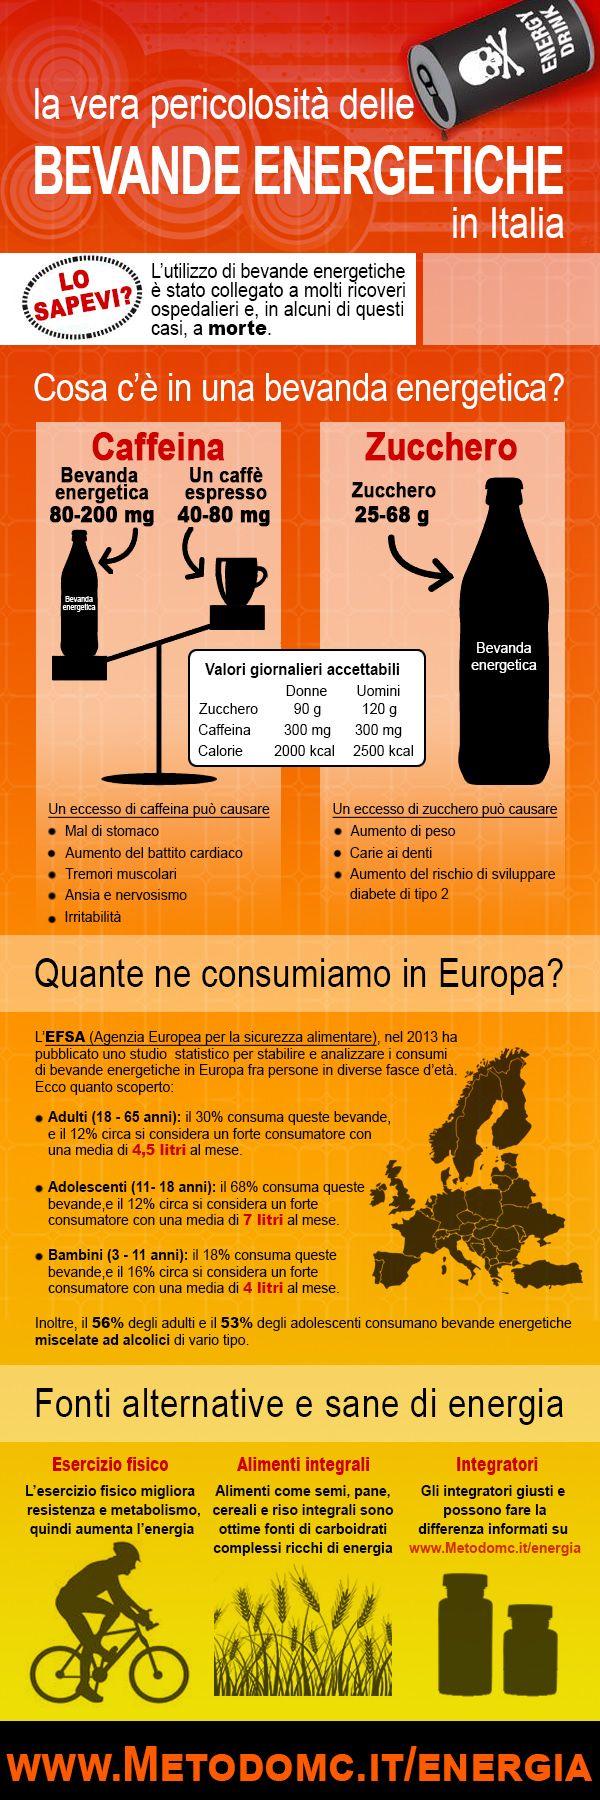 Se bevi ENERGY DRINKS (bevande energetiche) prova a guardare questi dati!  Ci sono modi migliori per recuperare le energie: http://metodomc.it/energia